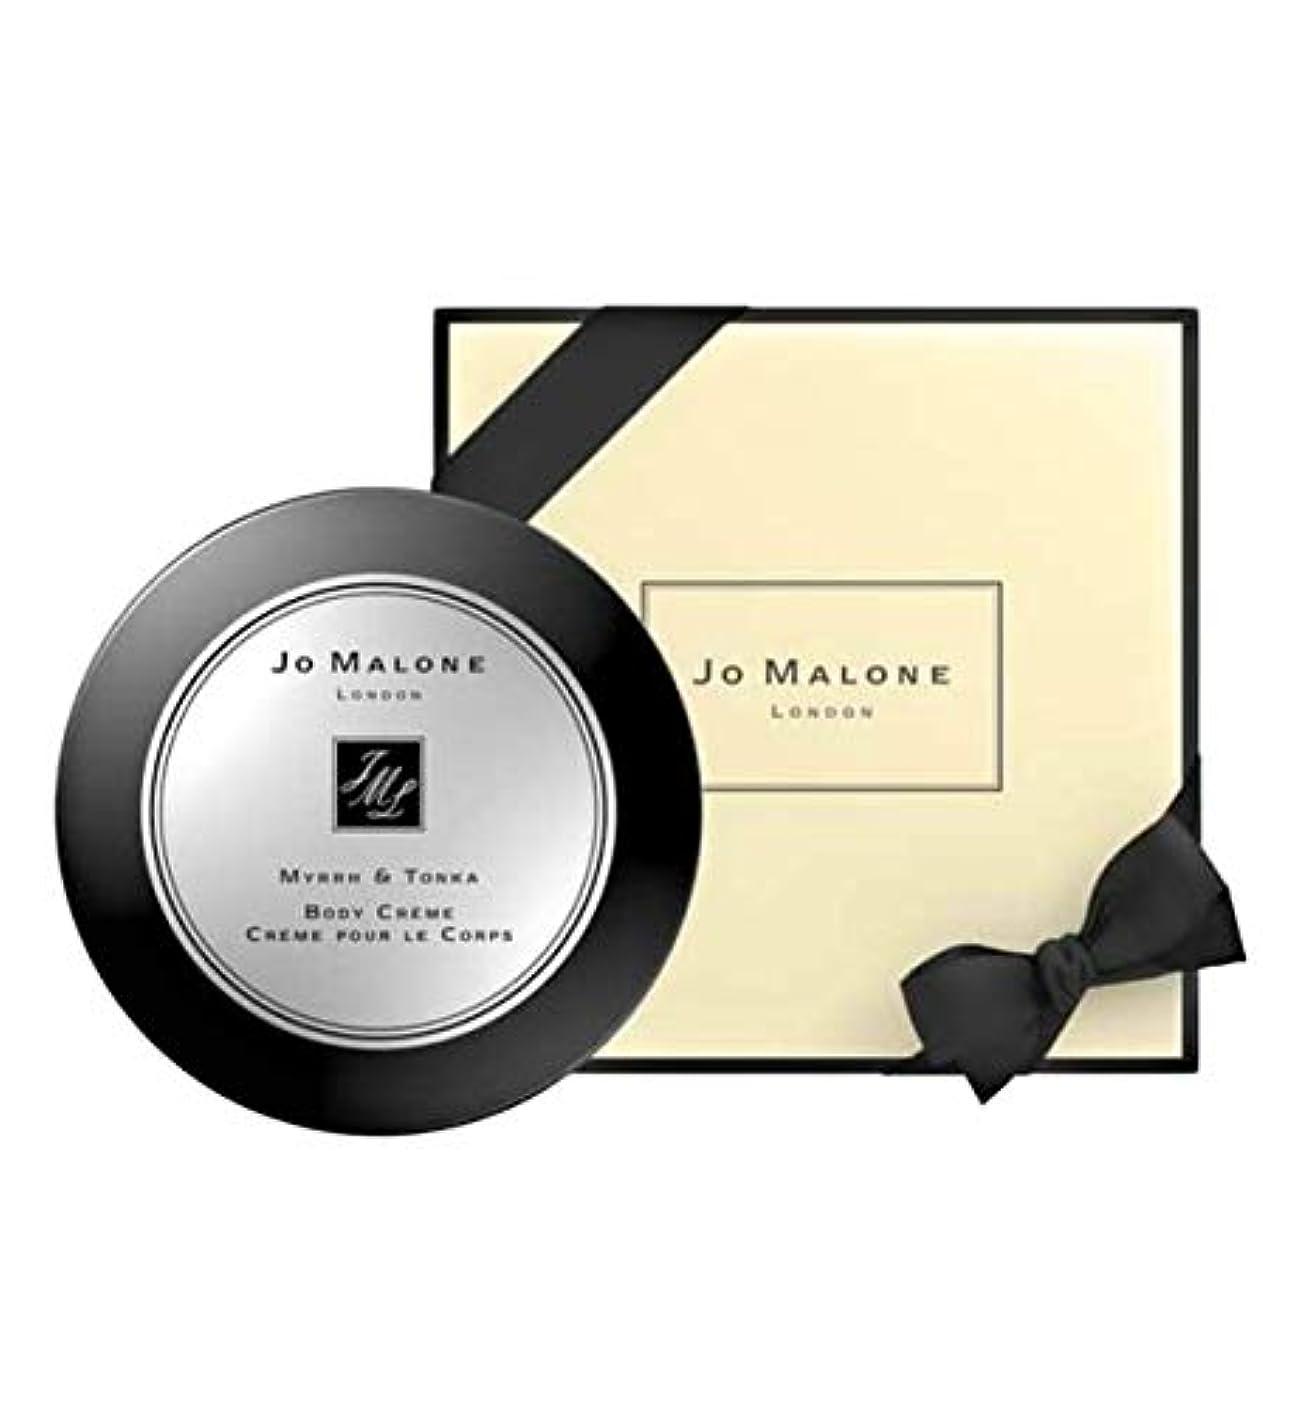 グローバル志す安全でないJO MALONE LONDON(ジョー マローン ロンドン) ミルラ & トンカ ボディ クレーム 175ml